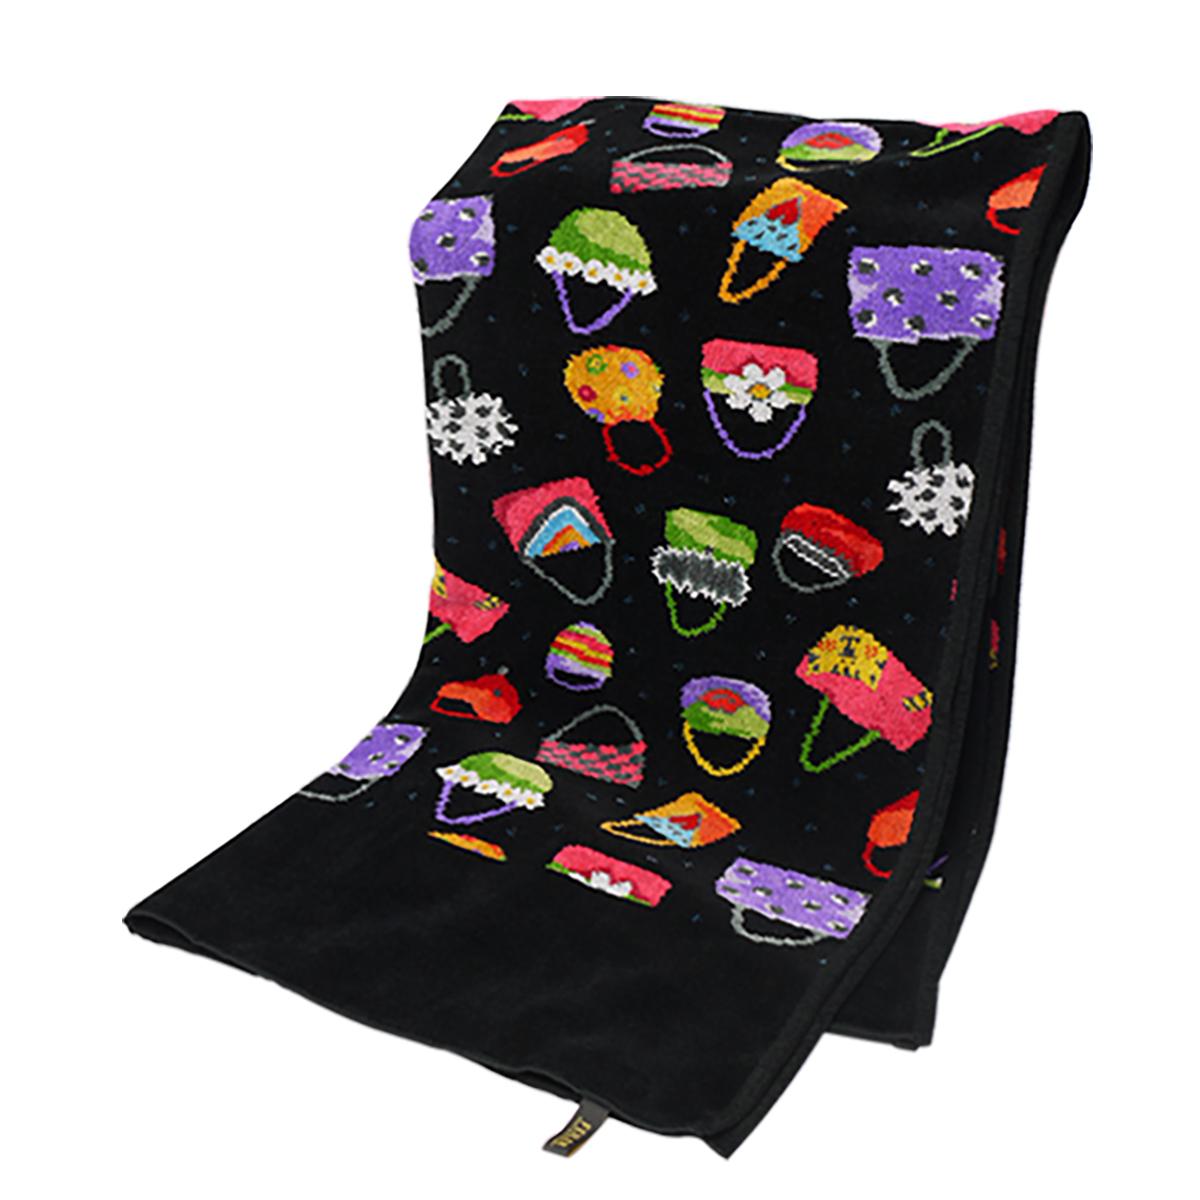 フェイラー バスタオル FEILER クレイジーバッグ 75x150cm FEILER Chenille Bath Towel Crazy bags ギフト雑貨 ギフト・のし可